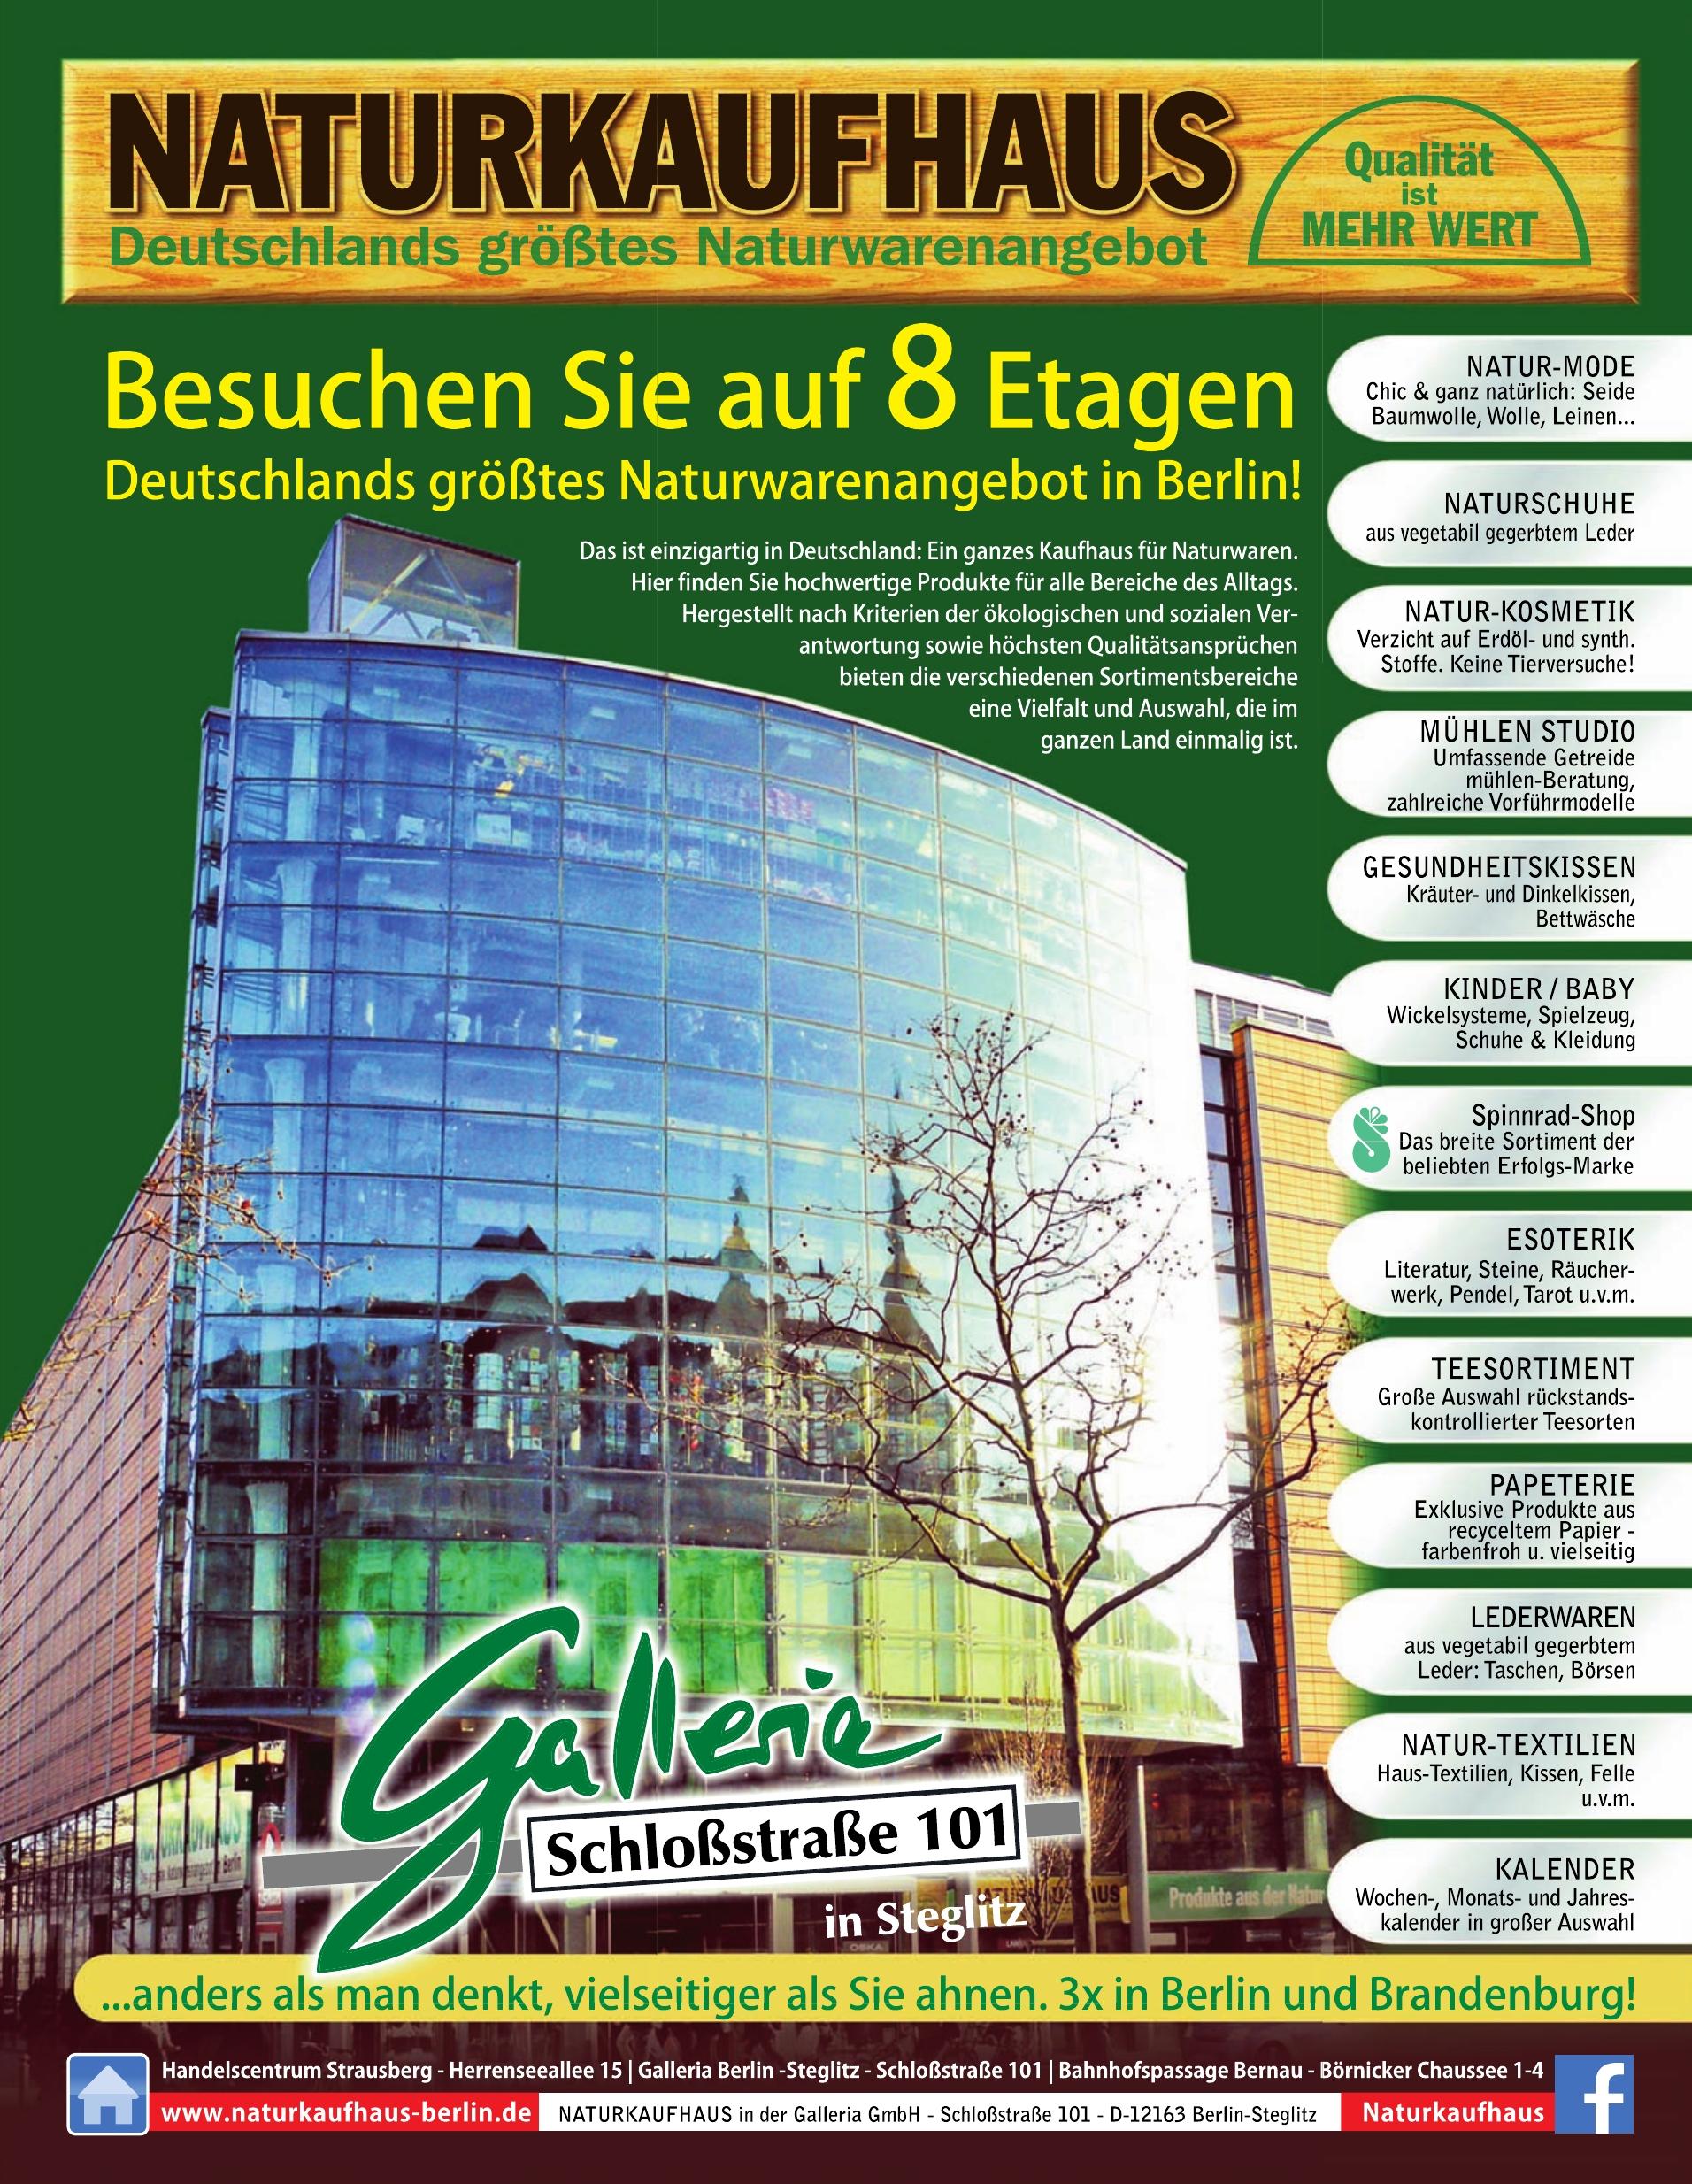 NATURKAUFHAUS in der Galleria GmbH